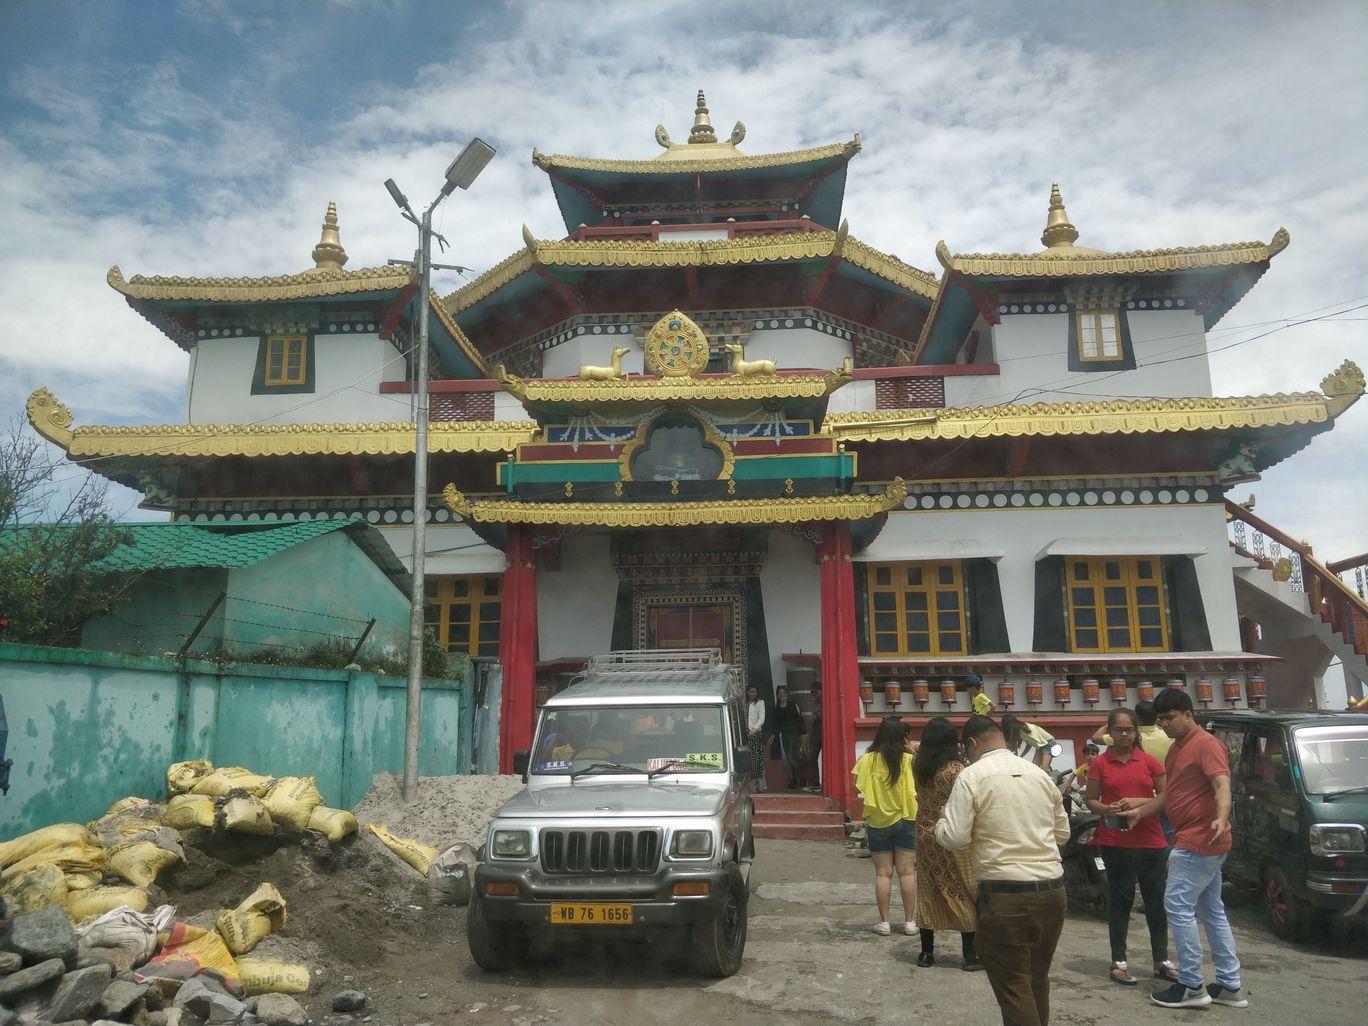 Photo of Northeast Series: Zang Dhok Palri Phodang Monastery, Kalimpong By Mahesh Maddala